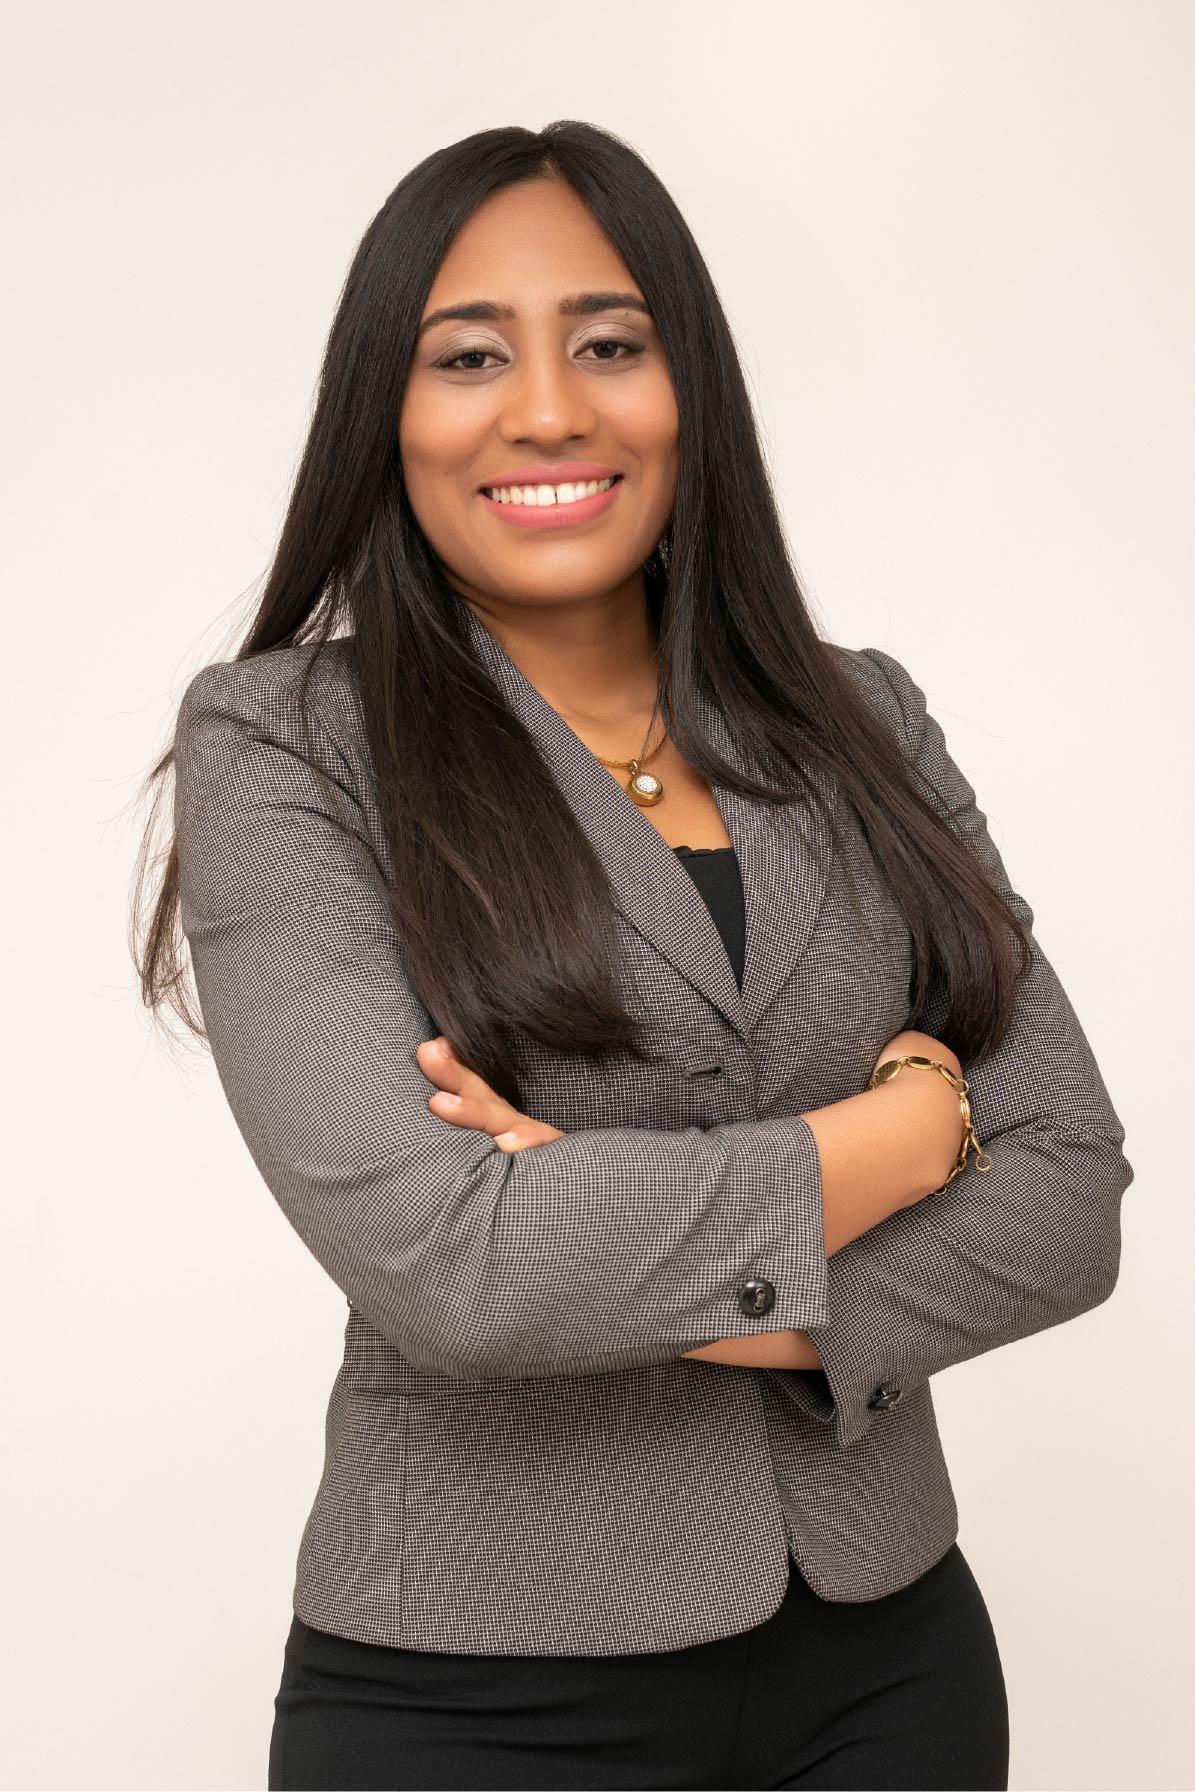 Liannette Gonzalez